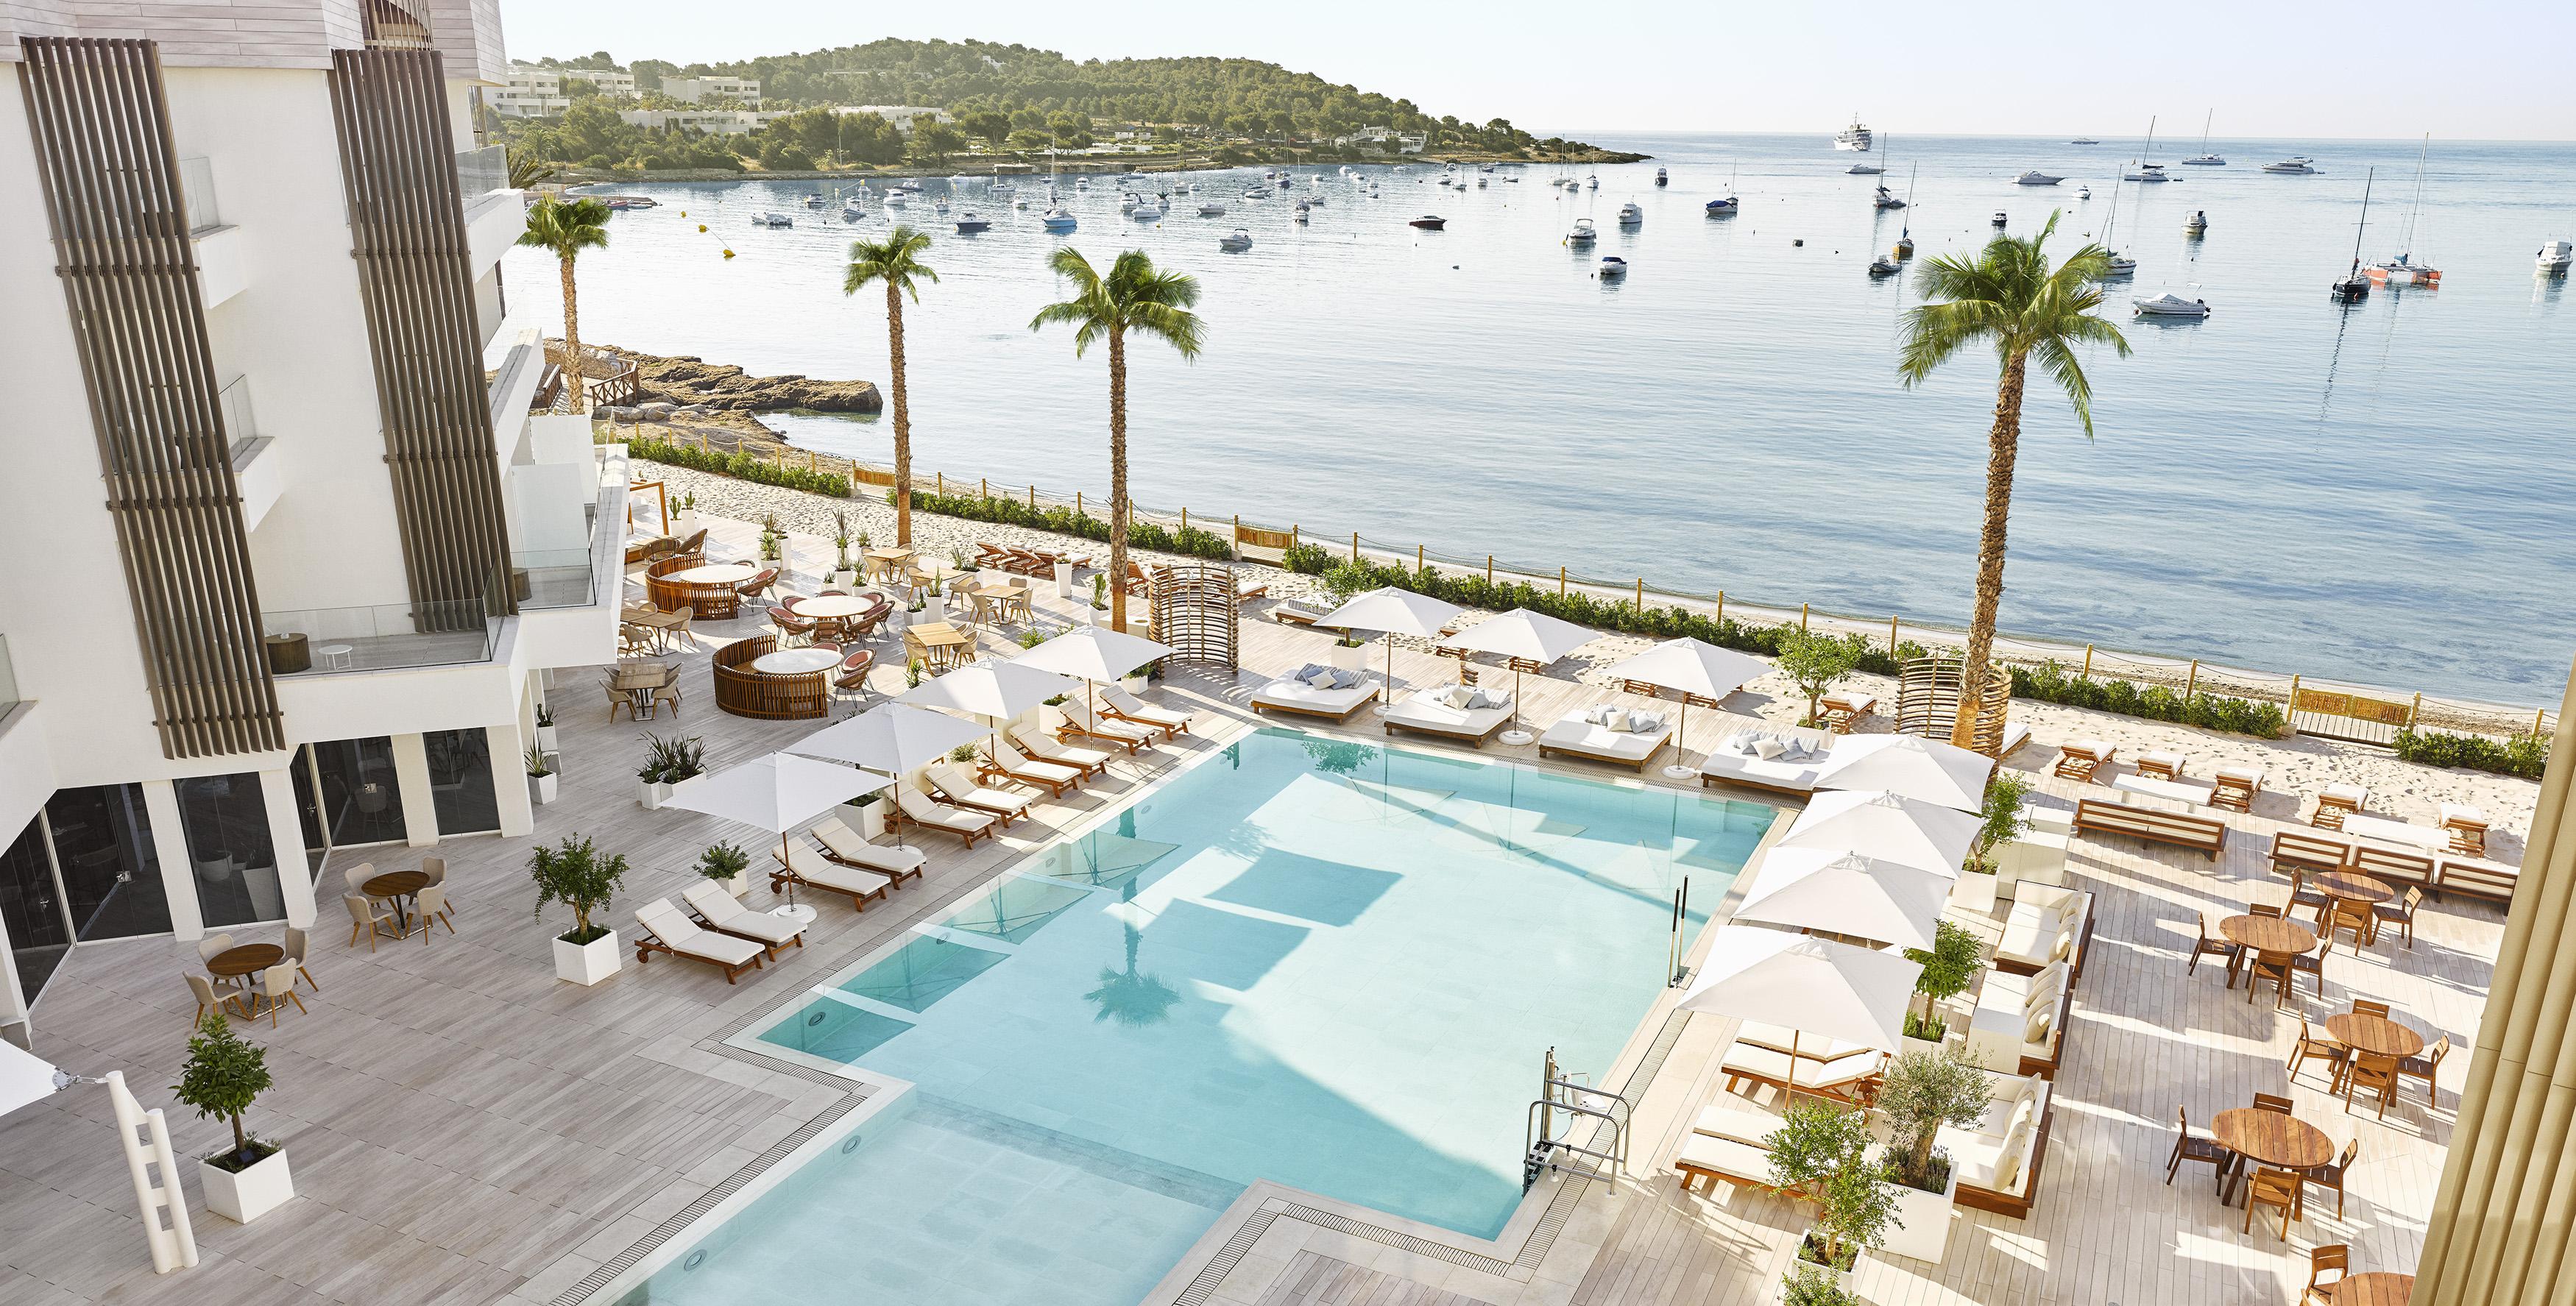 luxury-ibiza-hotel-private-beach